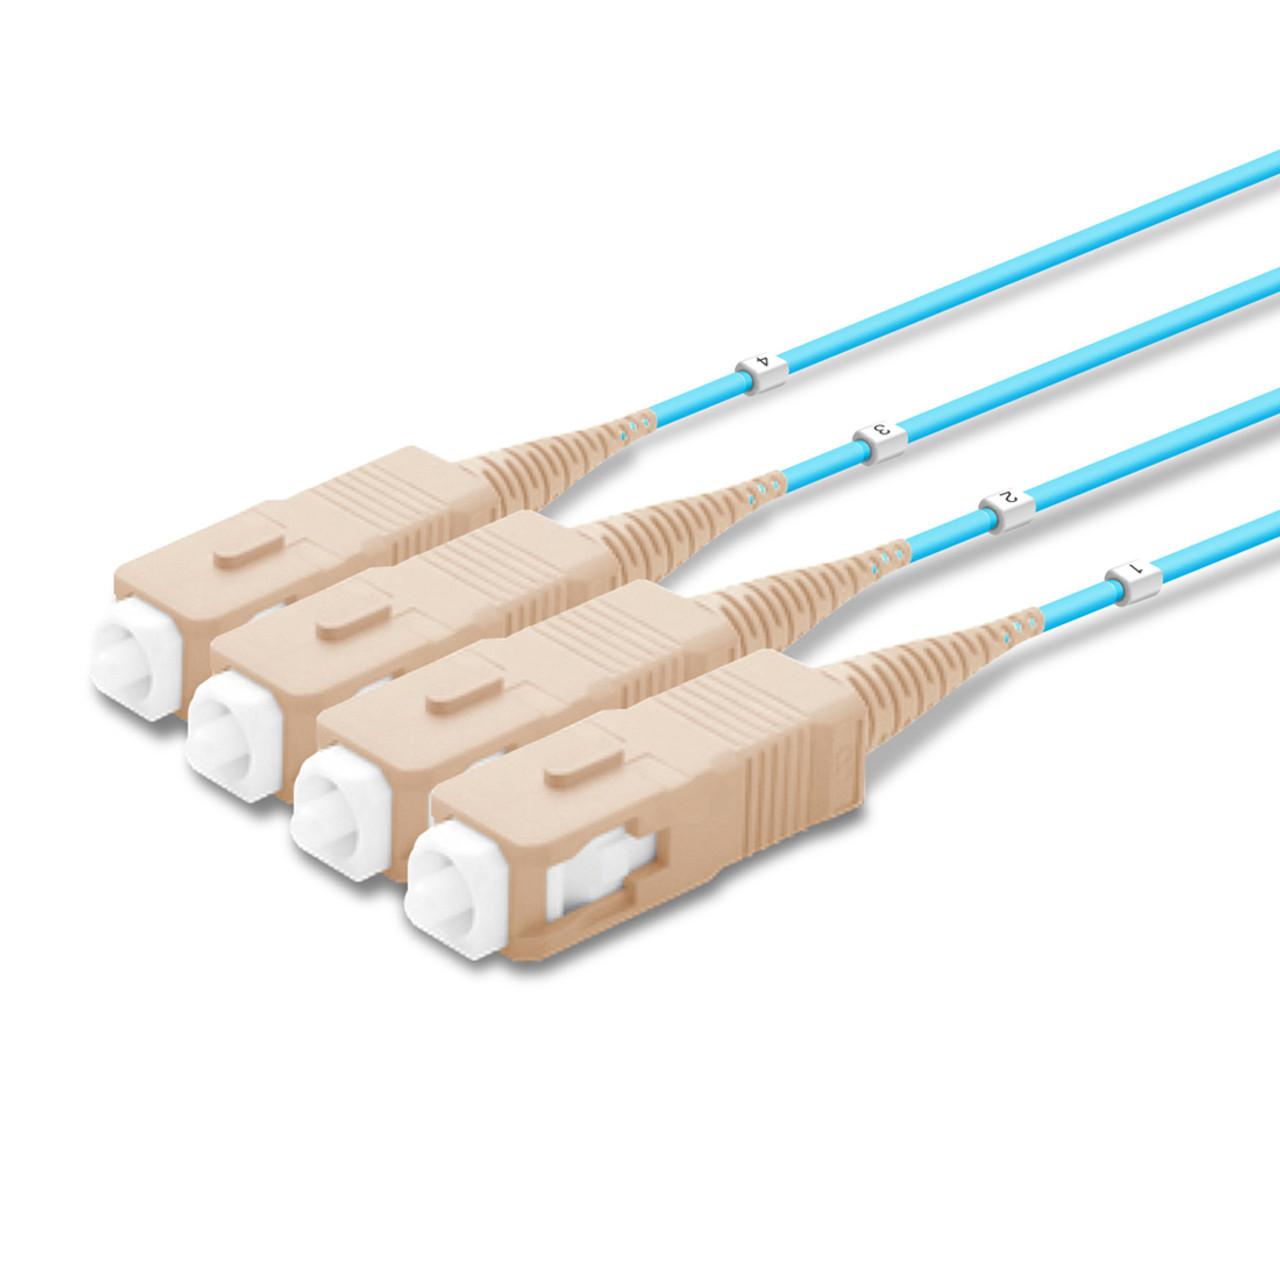 4 SC Simplex connectors, labelled, beige